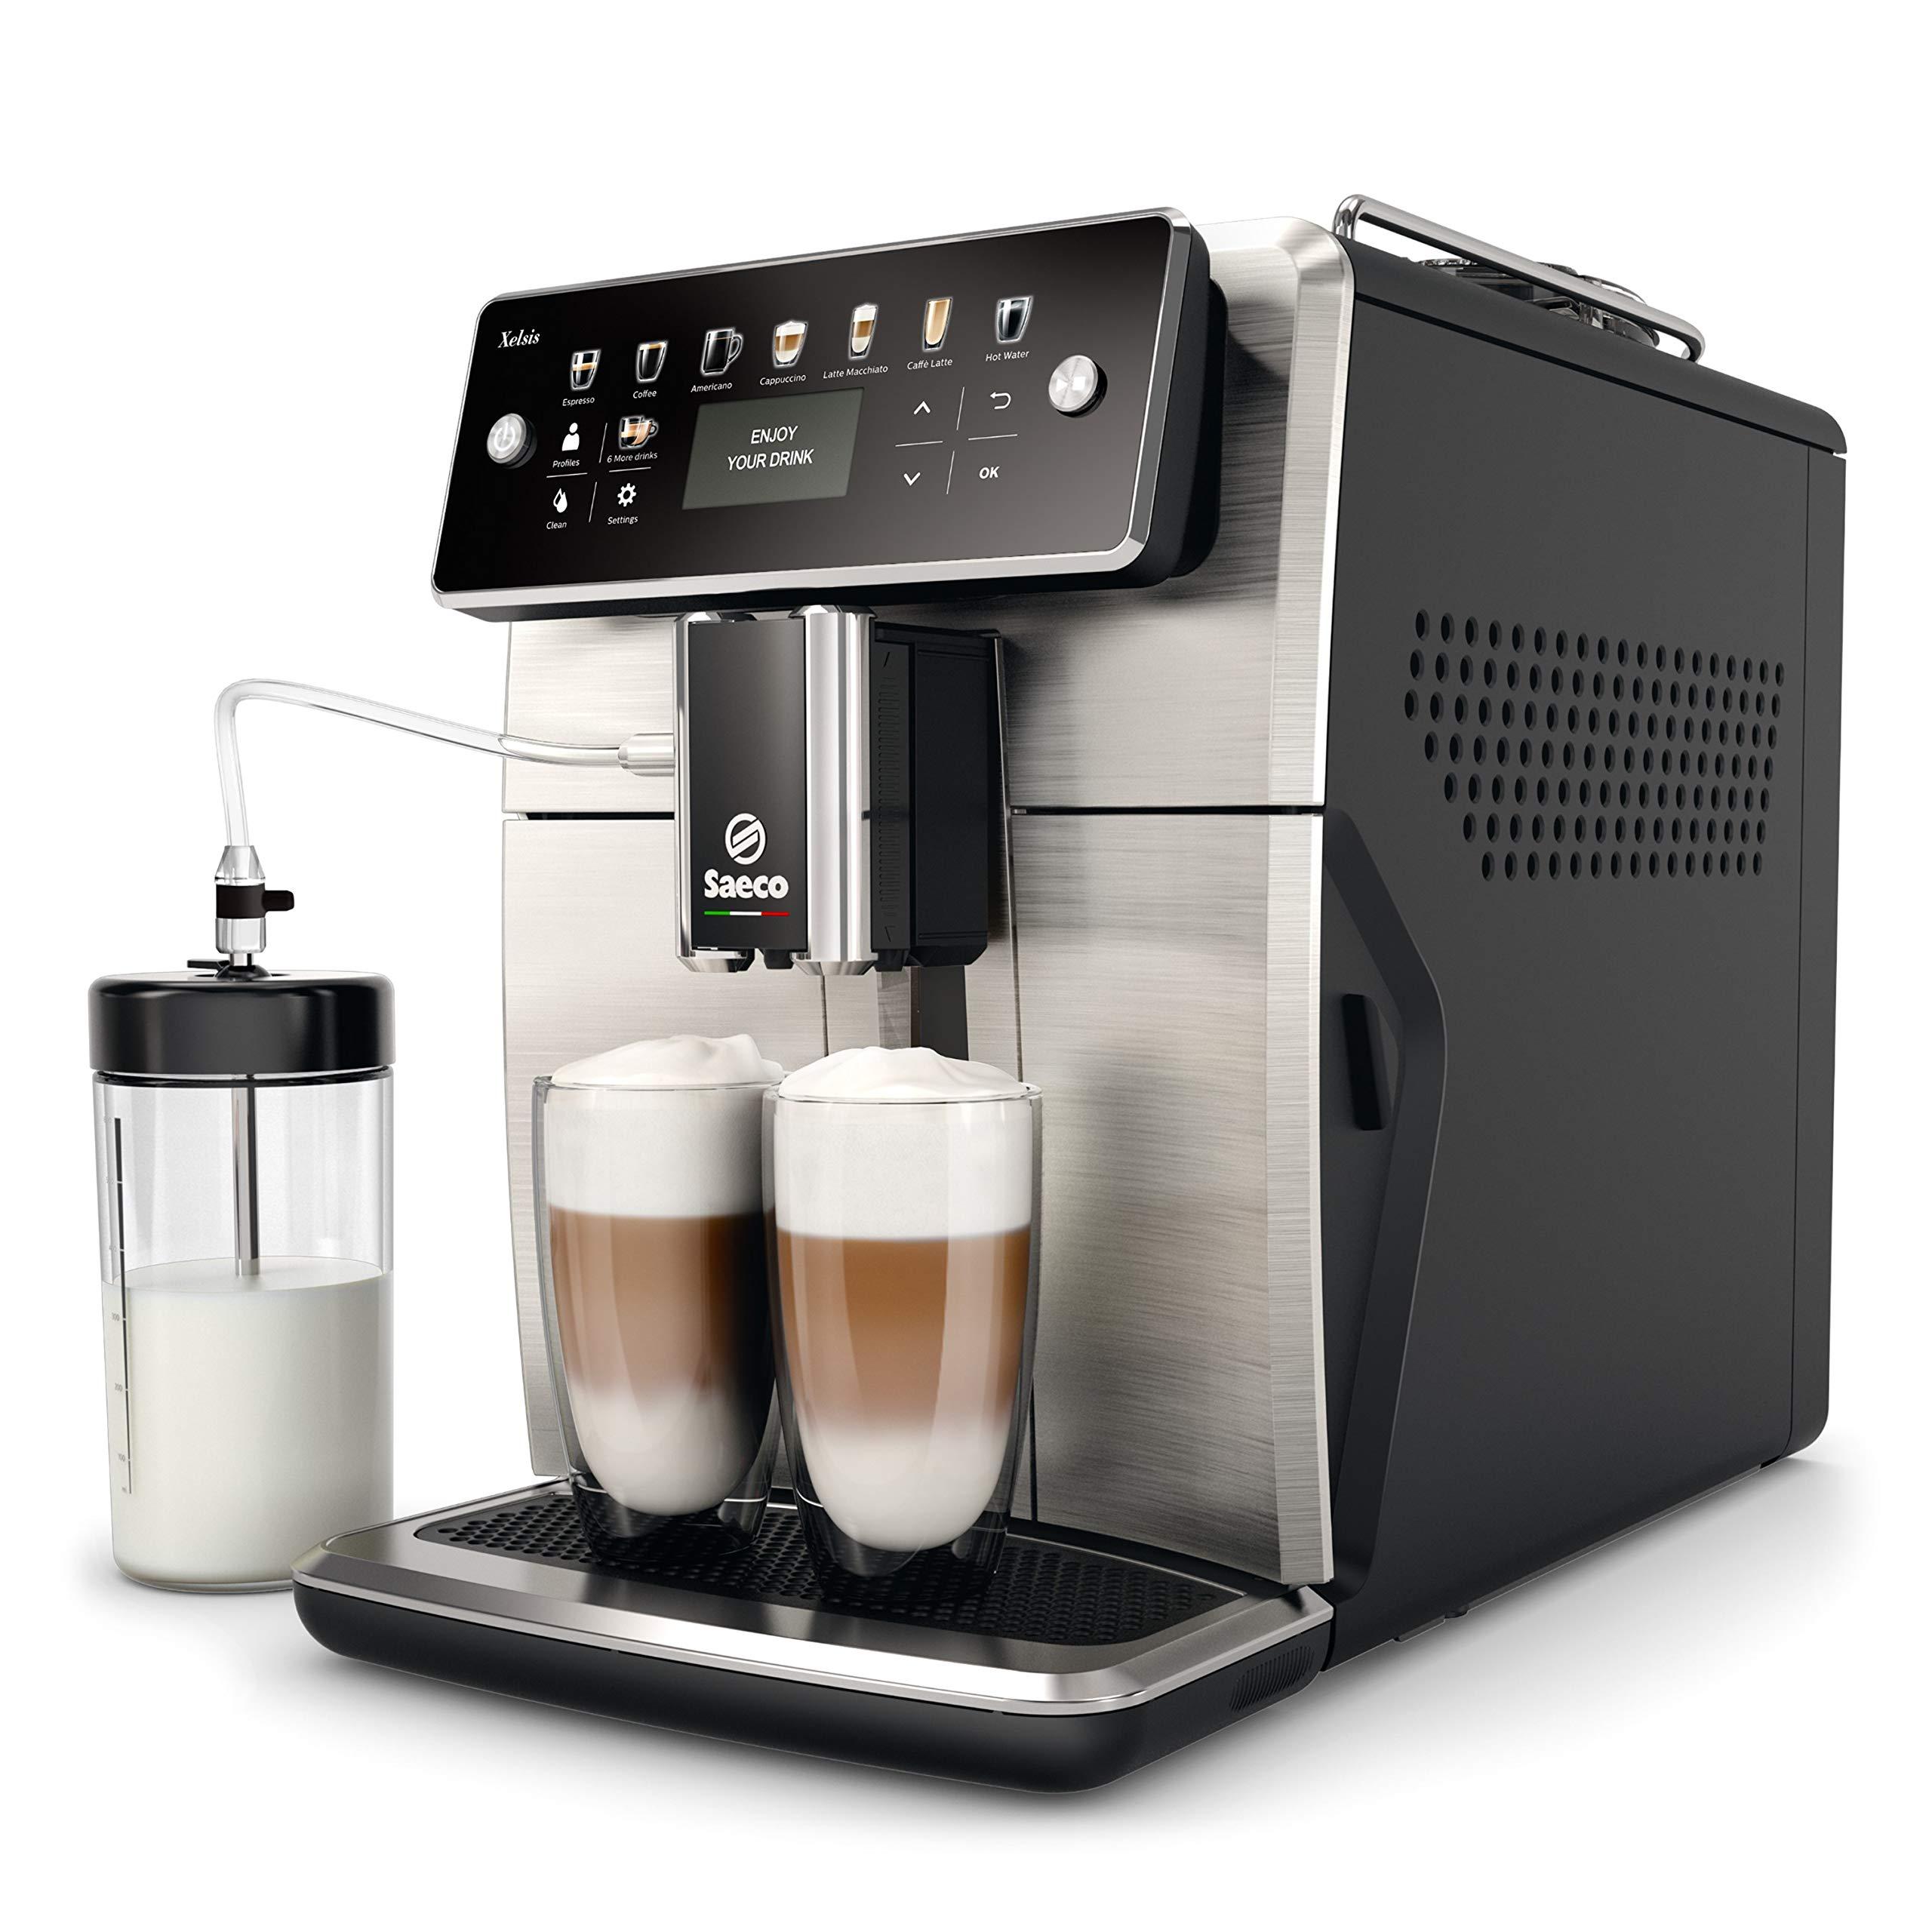 Saeco SM7583/00 Cafetera automática, acero inoxidable: Amazon.es: Hogar